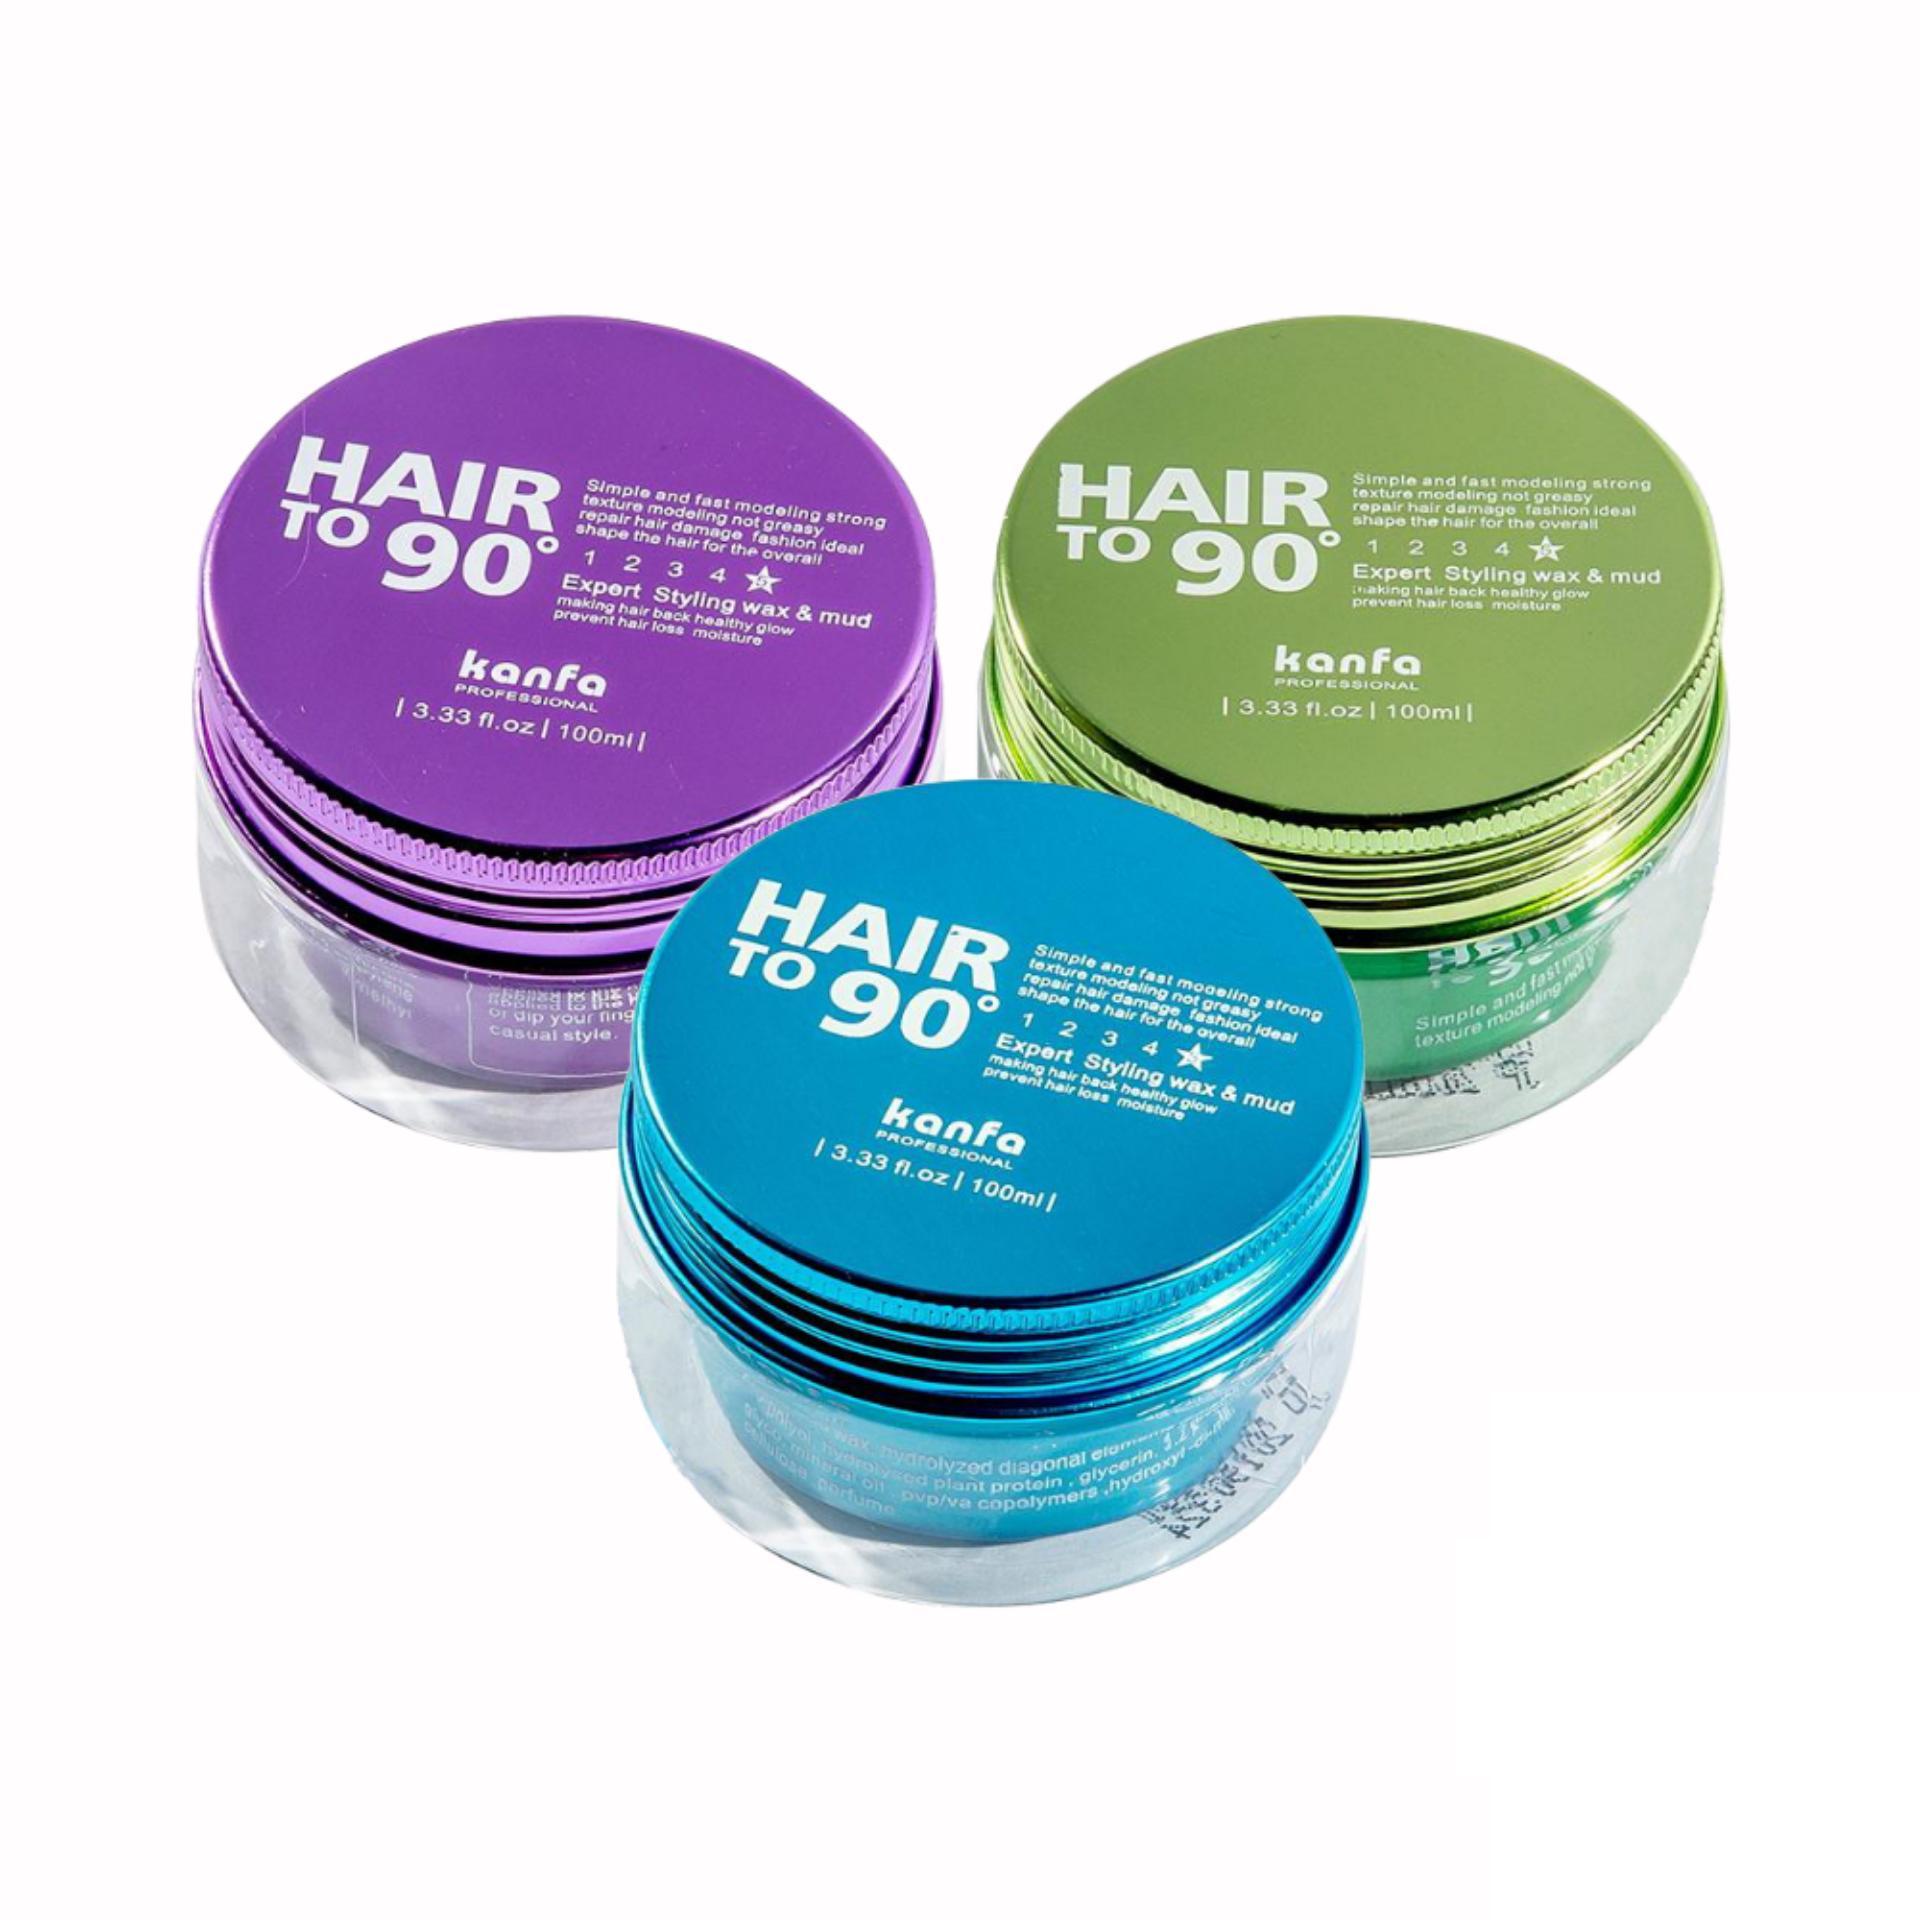 Sáp vuốt Tóc Kanfa Hair To 90 Wax đặc trị những mái tóc mỏng, khó giữ nếp